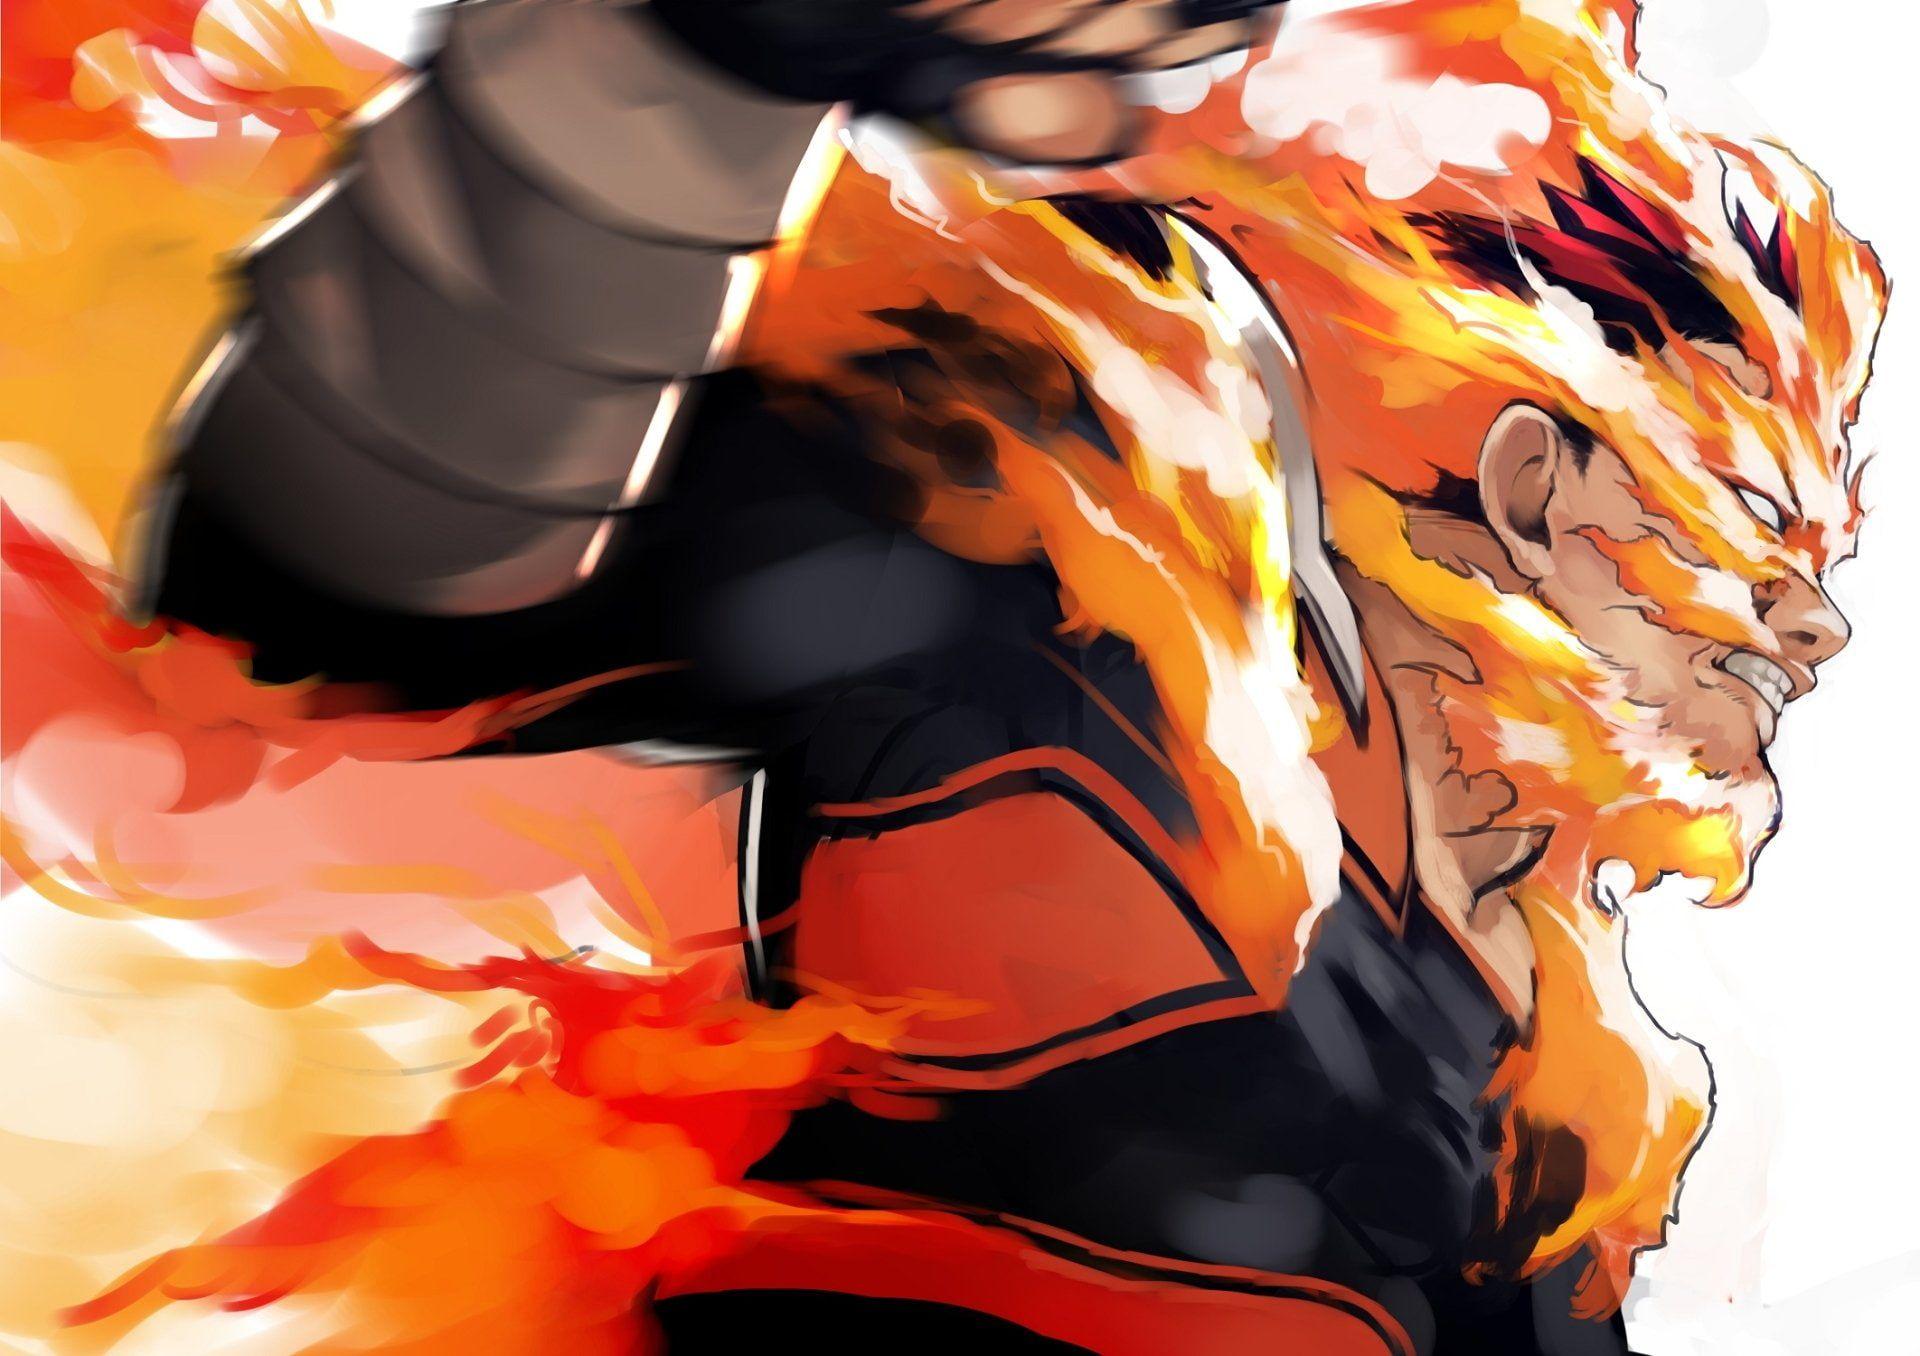 Anime My Hero Academia Beard Boku No Hero Academia Costume Endeavor Boku No Hero Academia Enji Todoroki Fire Flame Red Hai My Hero Hero My Hero Academia